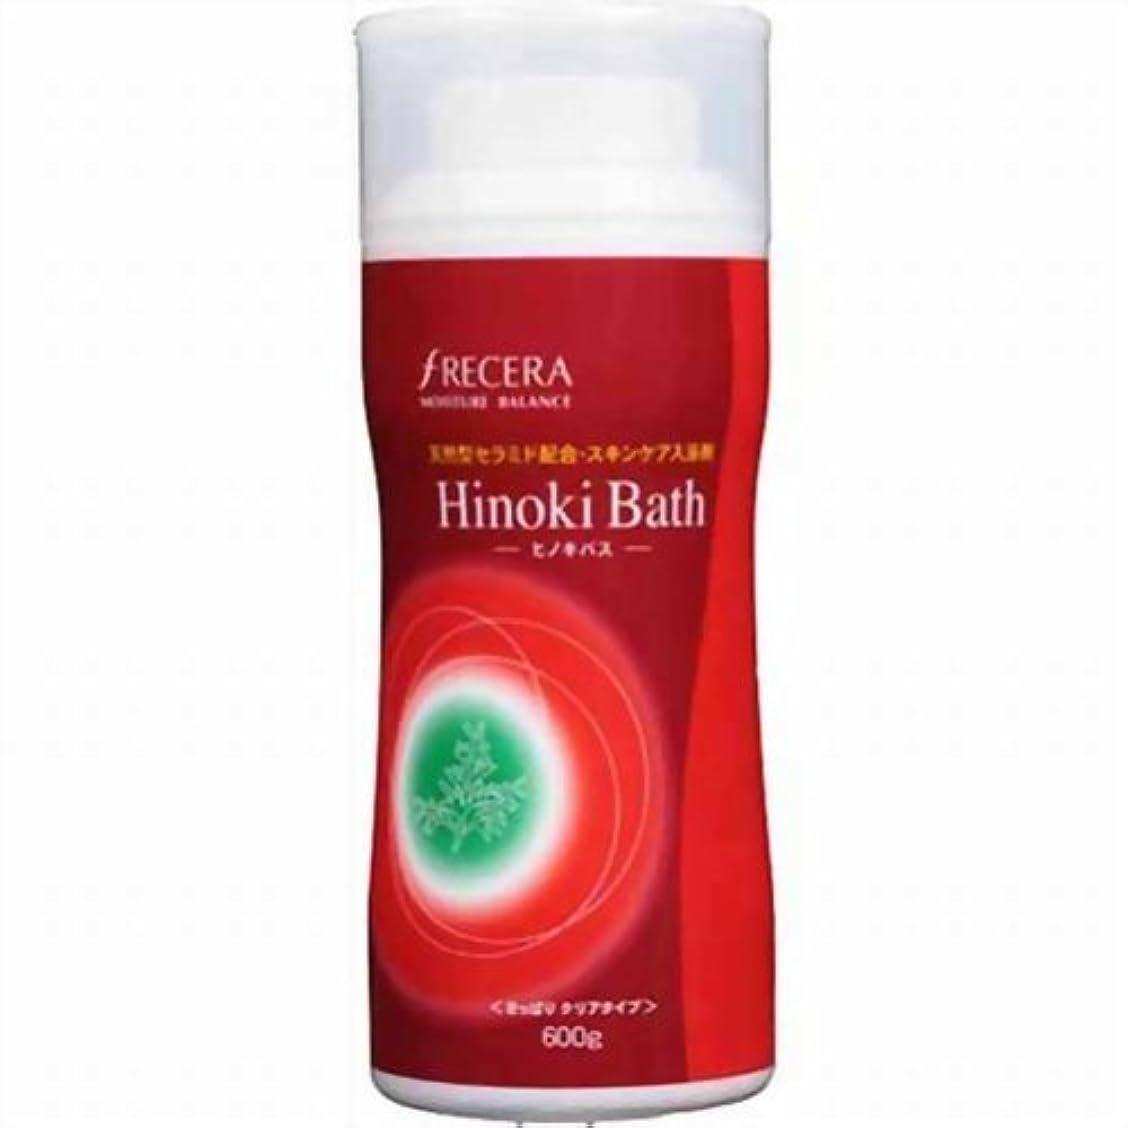 配分命題ぬいぐるみフレッセラ セラミド入浴剤 ヒノキバス 600g